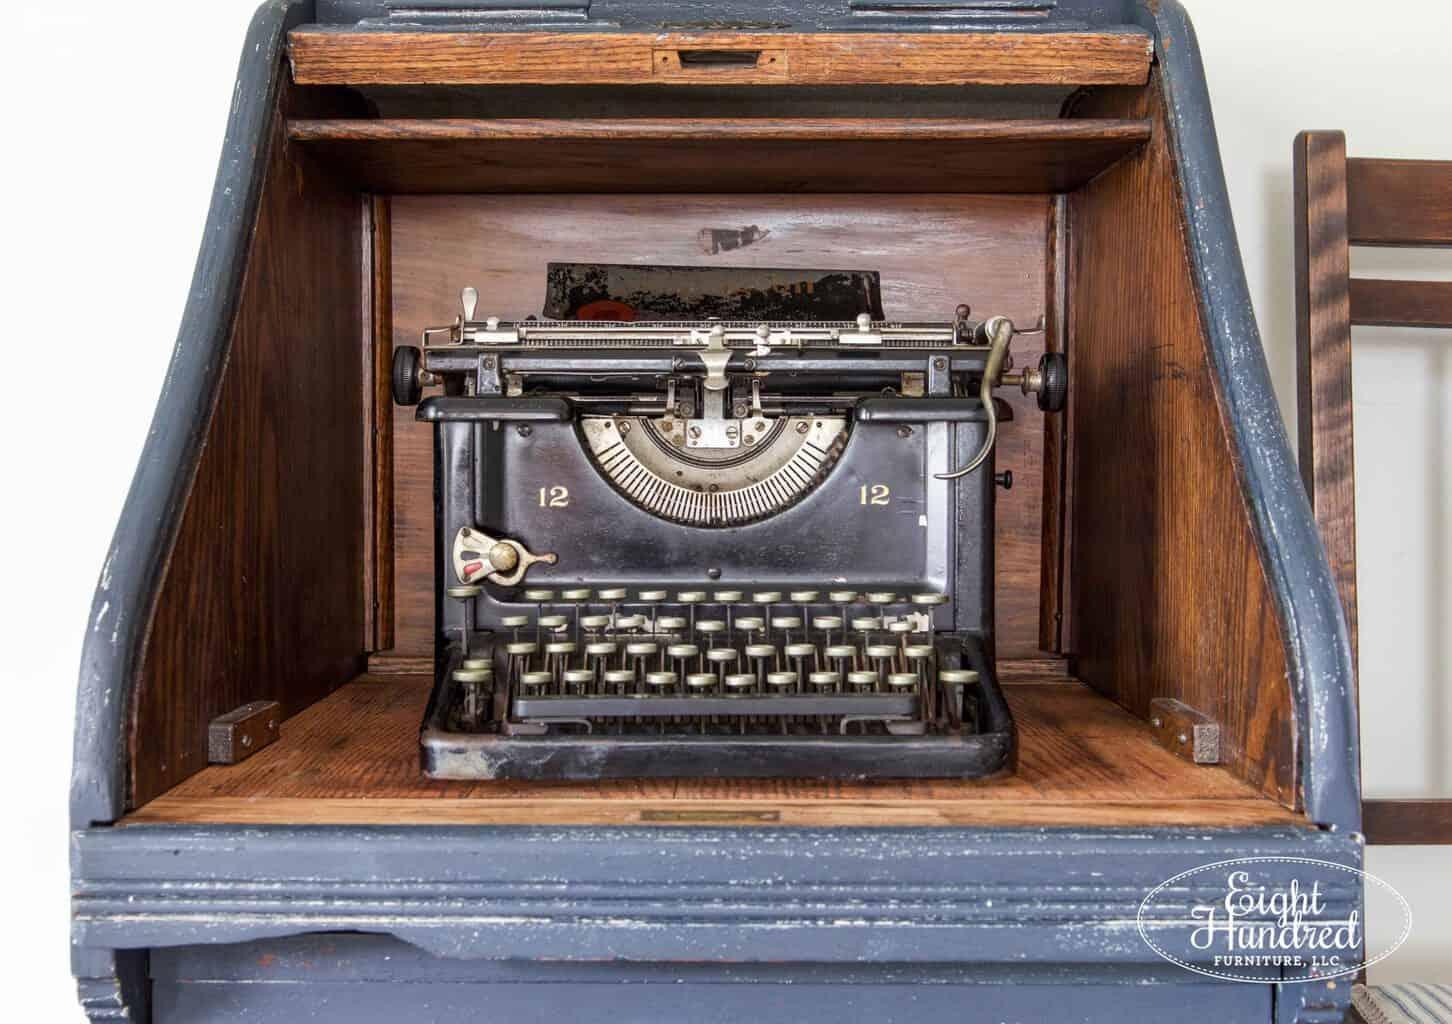 Antique Typewriter, Hemp Oil, Miss Mustard Seed's Milk Paint, Eight Hundred Furniture, Remington Typewriter, Artissimo, Milk Paint